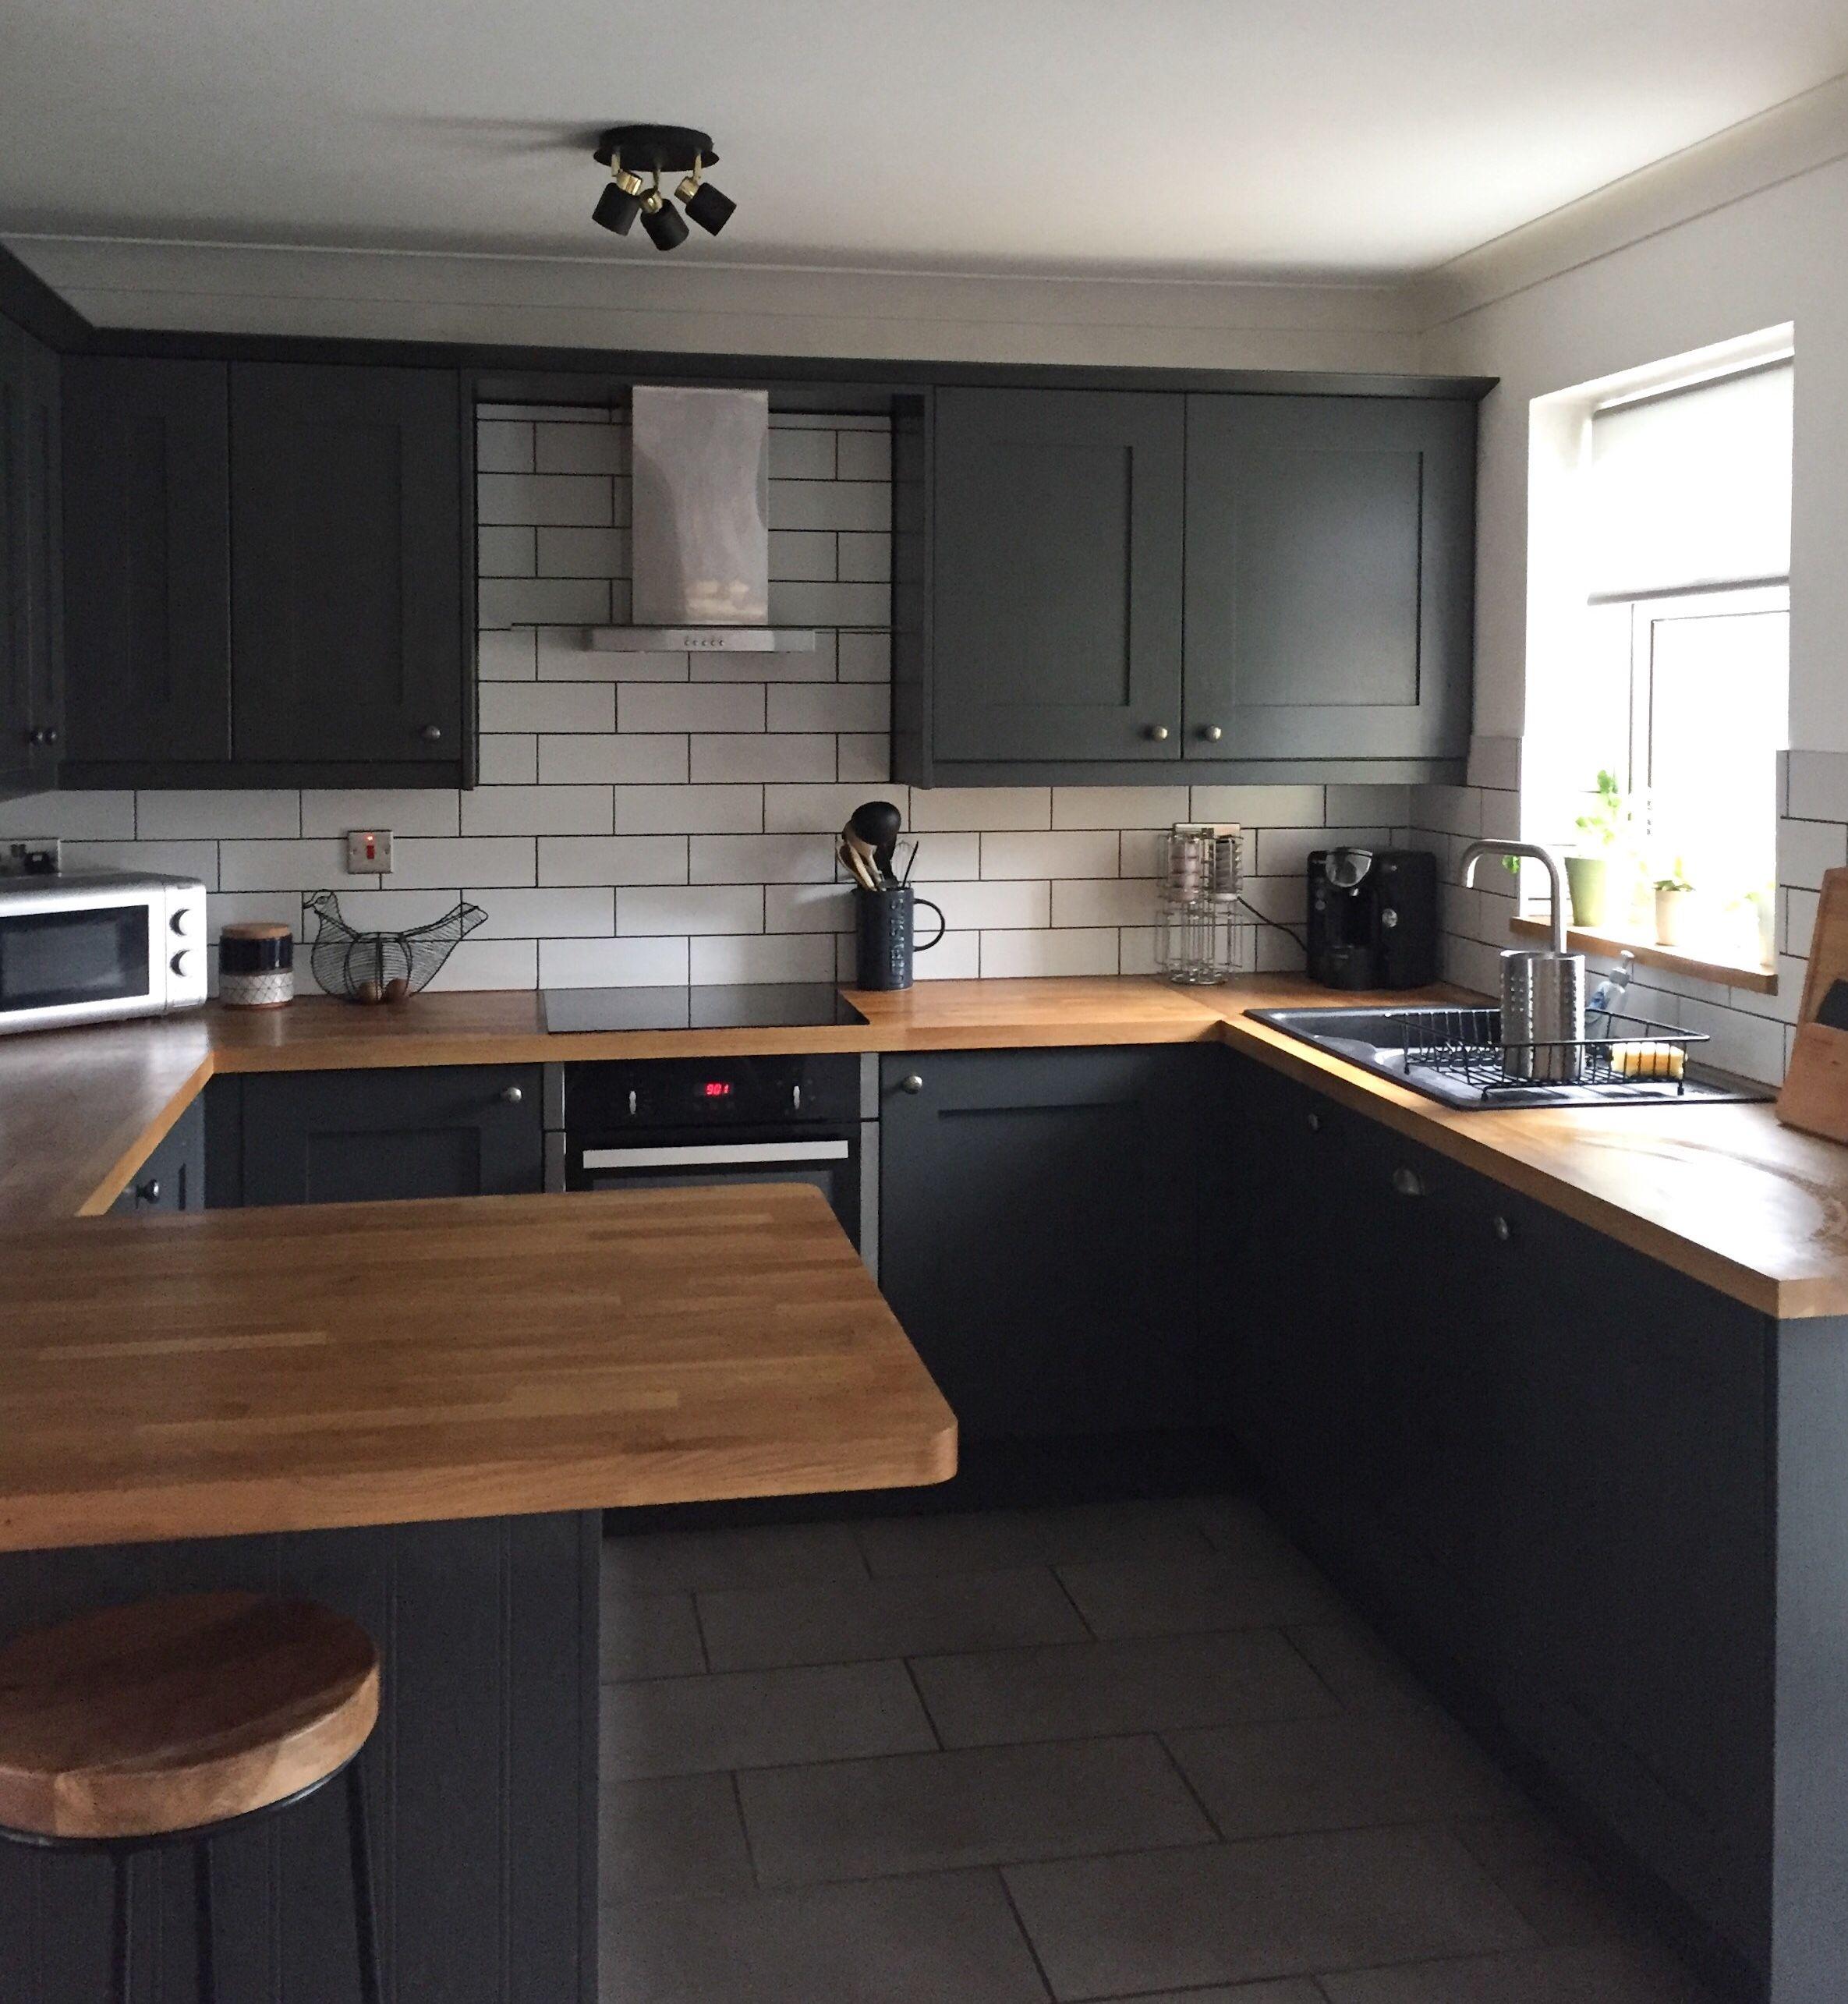 Budget Kitchen Renovation Kitchen Renovation Kitchen Interior Diy Kitchen Budget